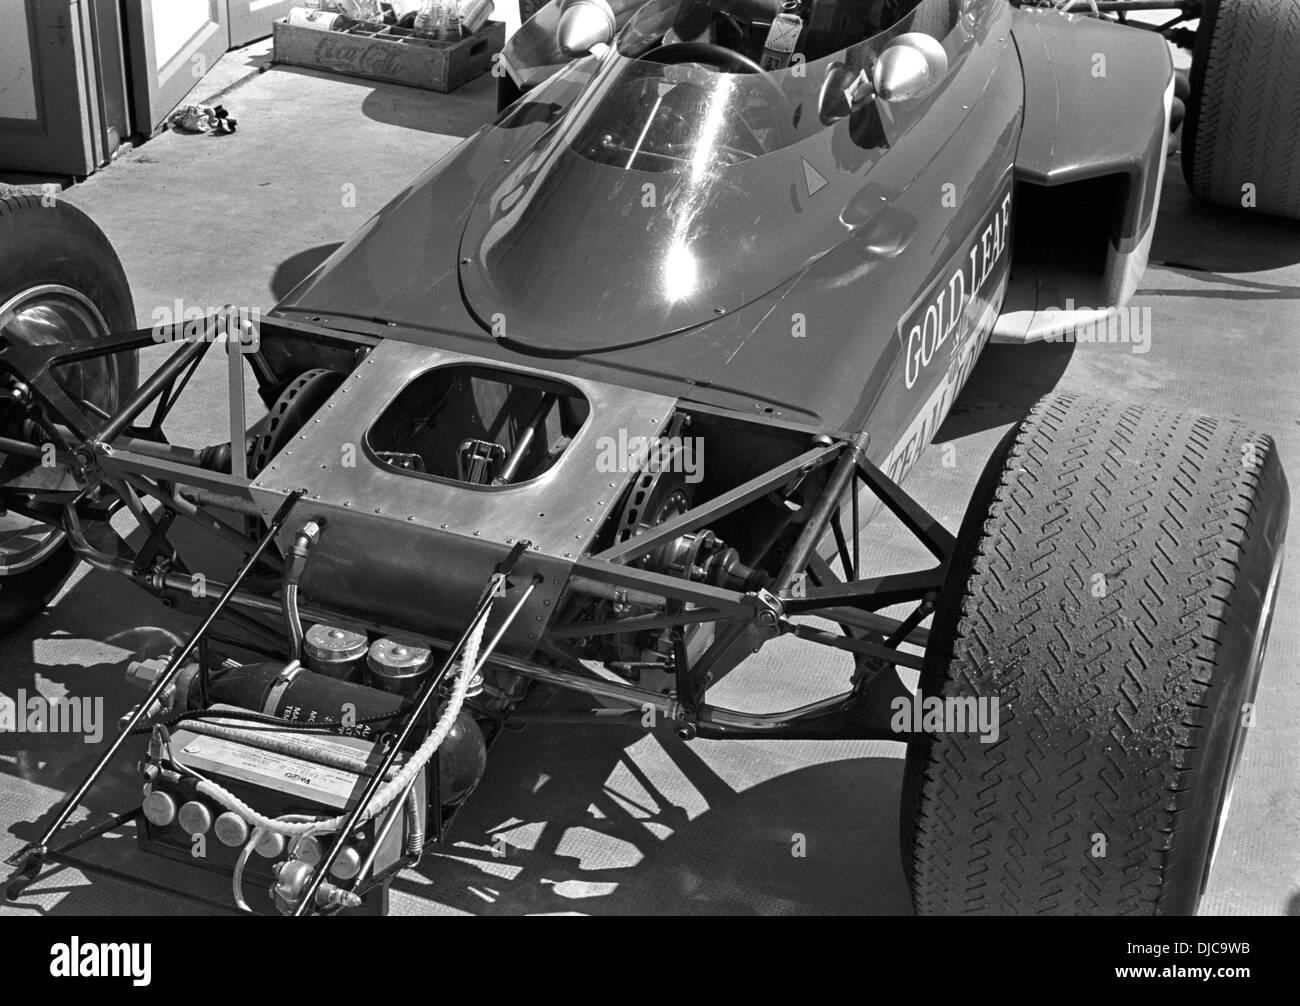 Lotus 72 montati entrobordo freni anteriori a disco collegato alle ruote anteriori tramite alberi di comando. GP di Spagna, Jarama, Spagna 19 aprile 1970. Immagini Stock